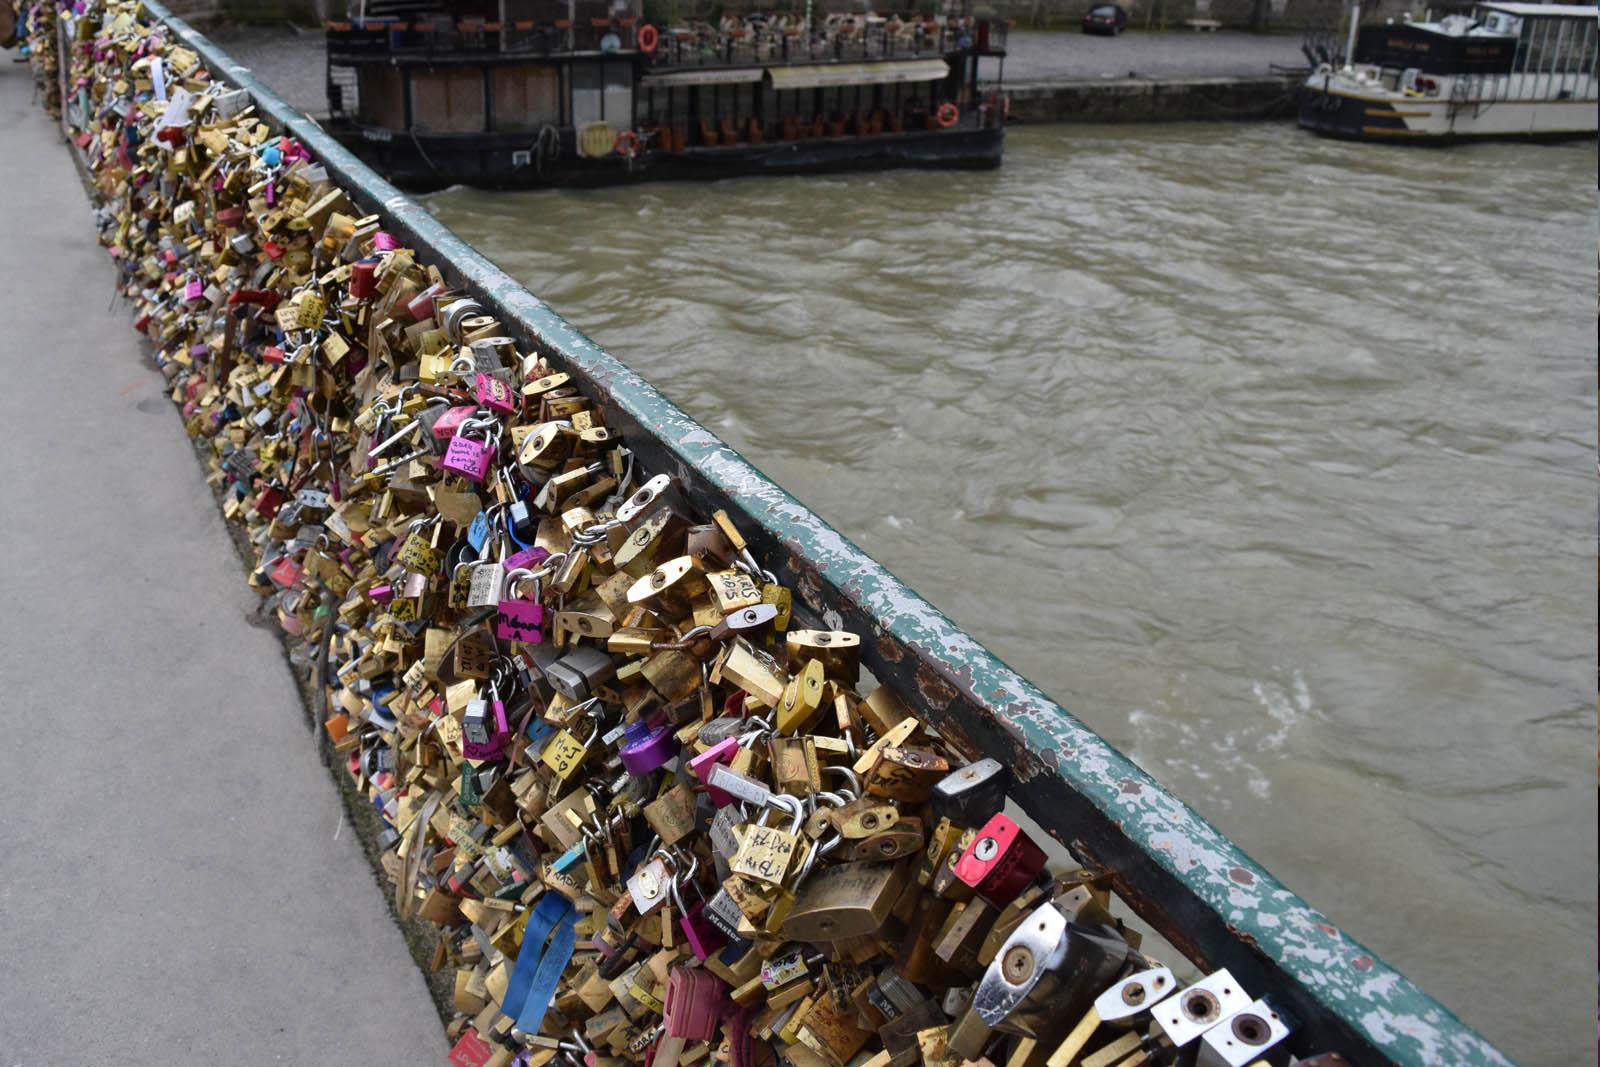 Romantisch weekend Parijs - brug met liefdes slotjes